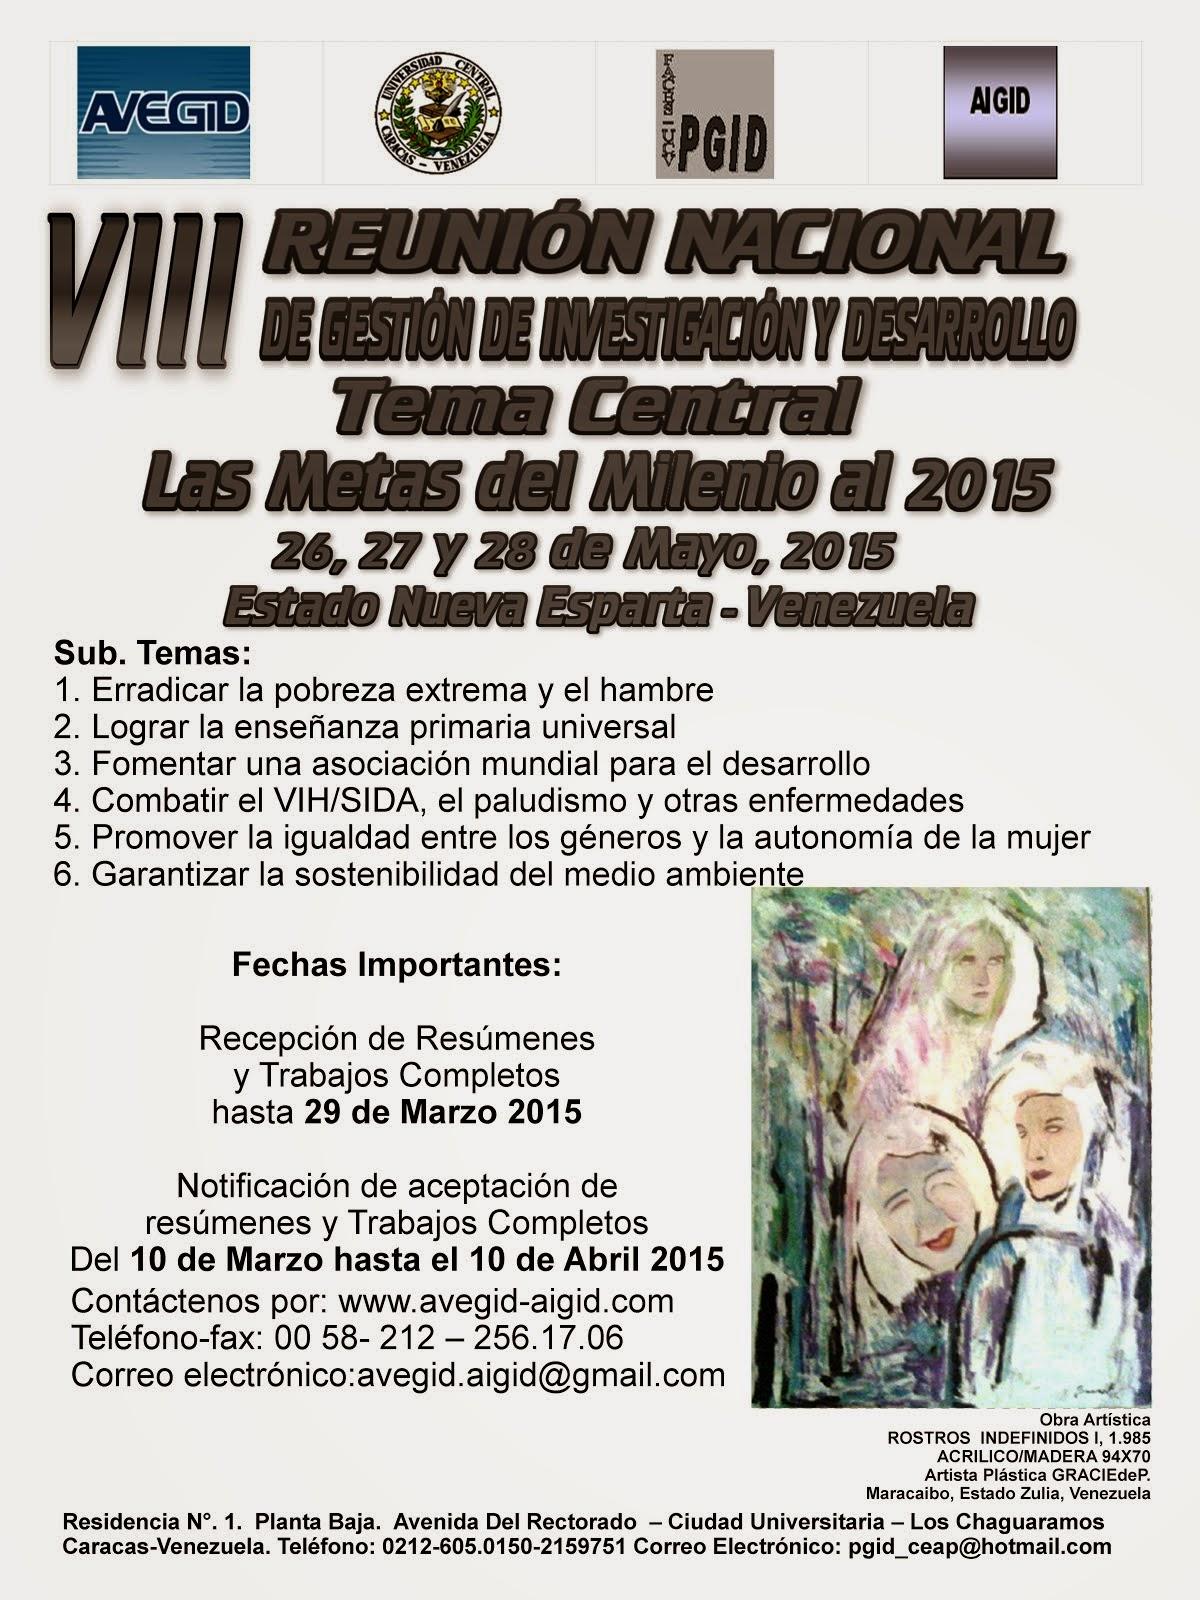 VIII REUNIÓN NACIONAL DE GESTIÓN DE INVESTIGACIÓN Y DESARROLLO -  NUEVA ESPARTA - 2015...